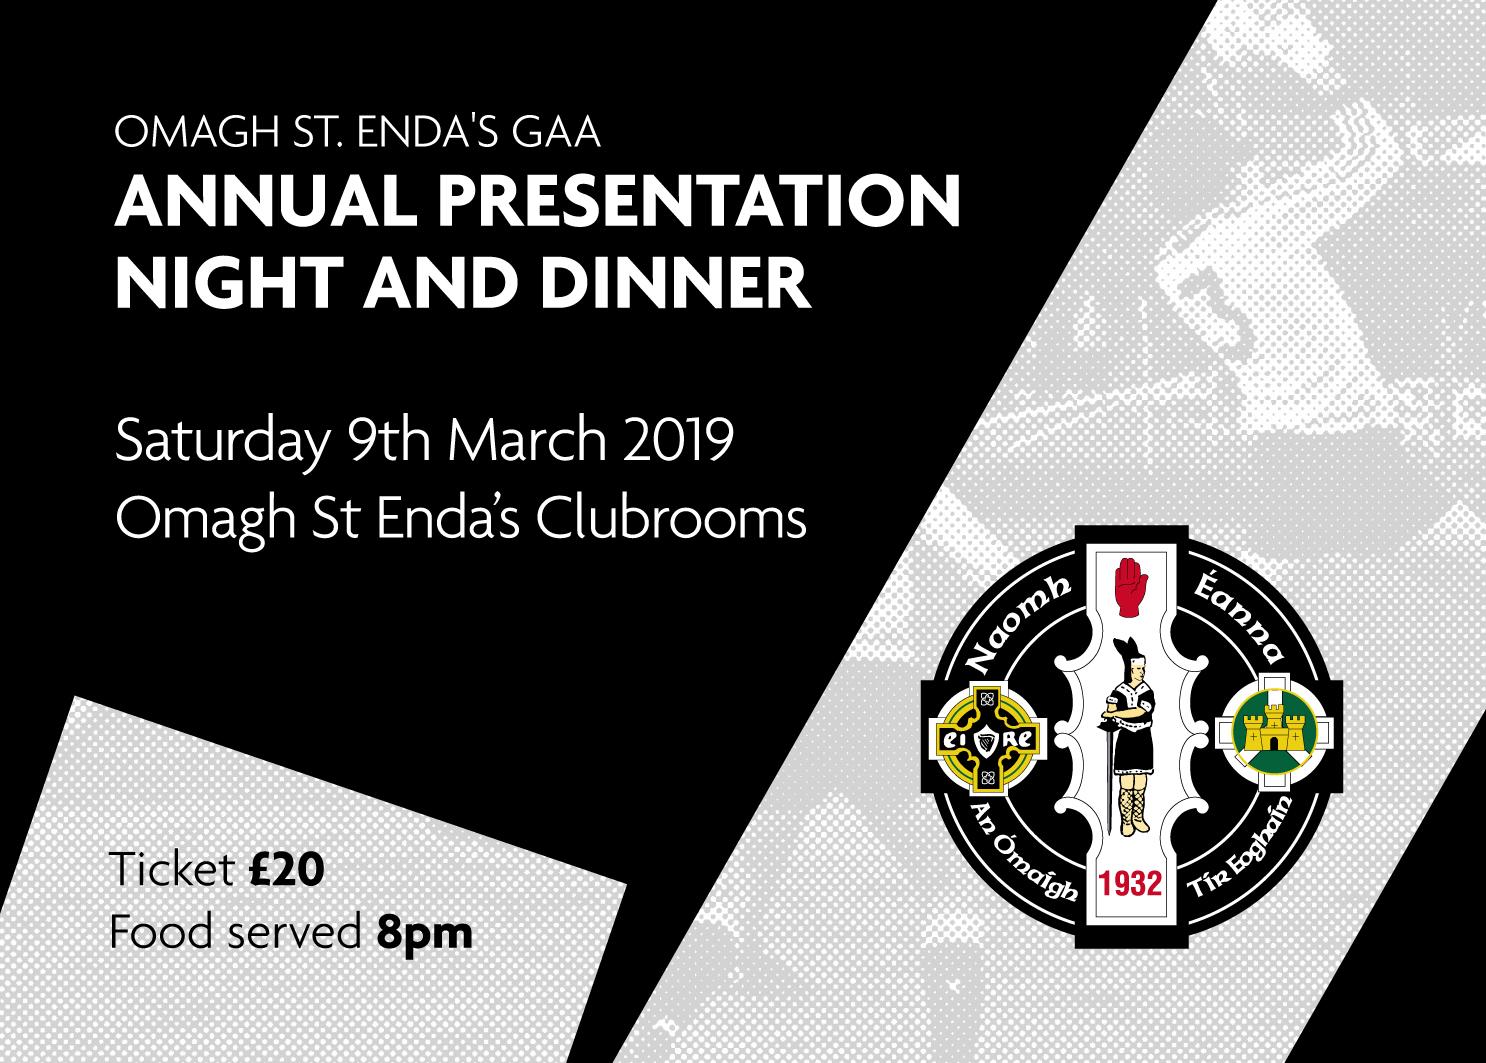 Annual Presentation Night